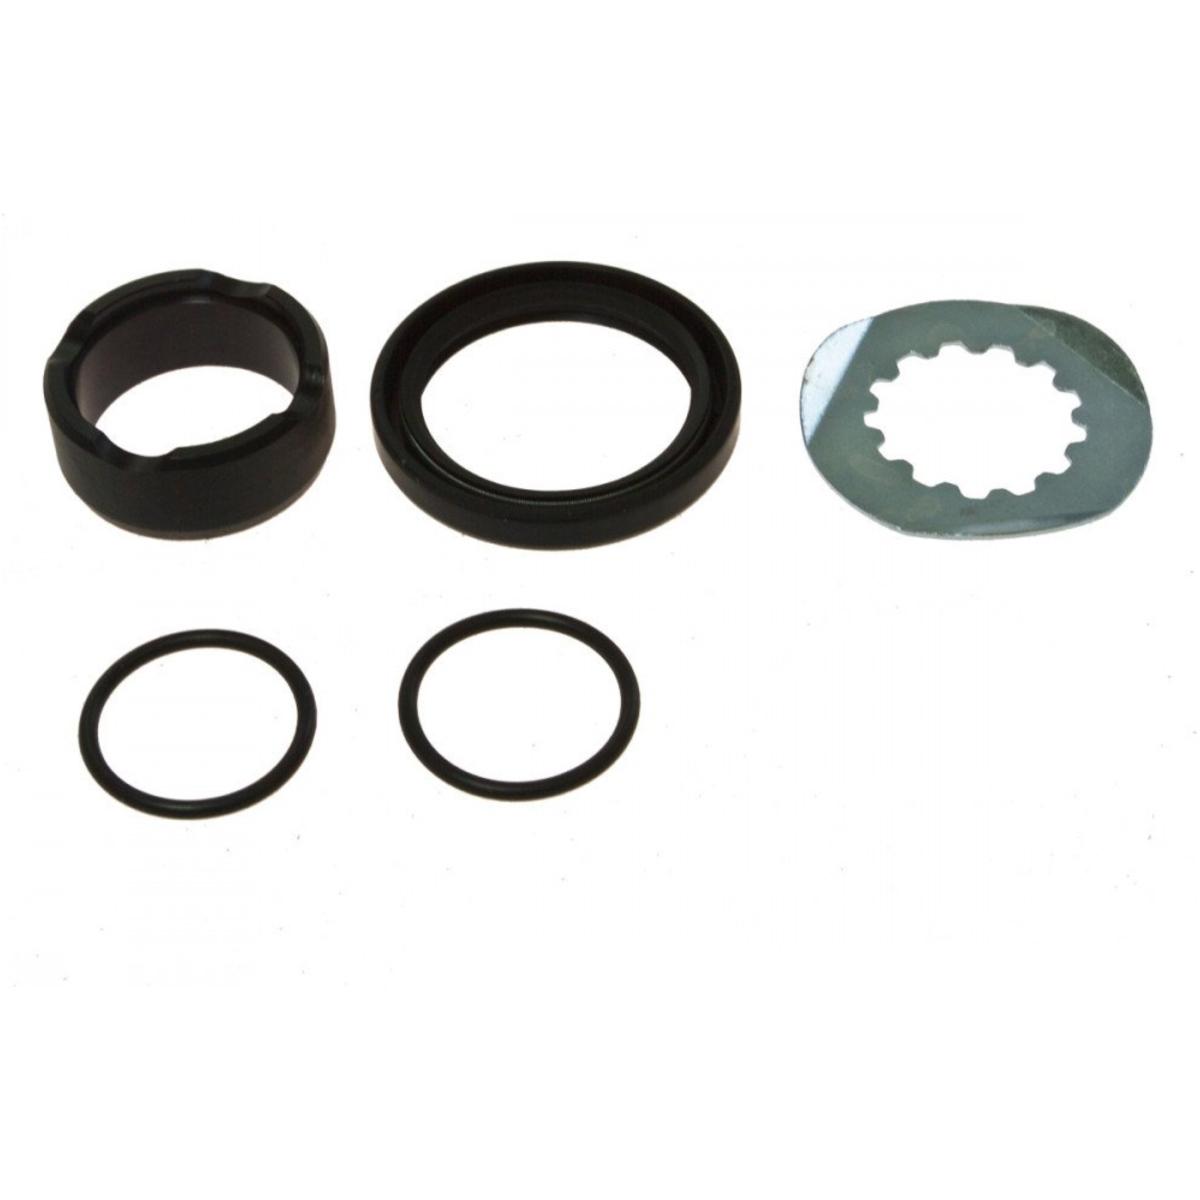 Counter shaft seal kit 254019 - 12,92 EUR